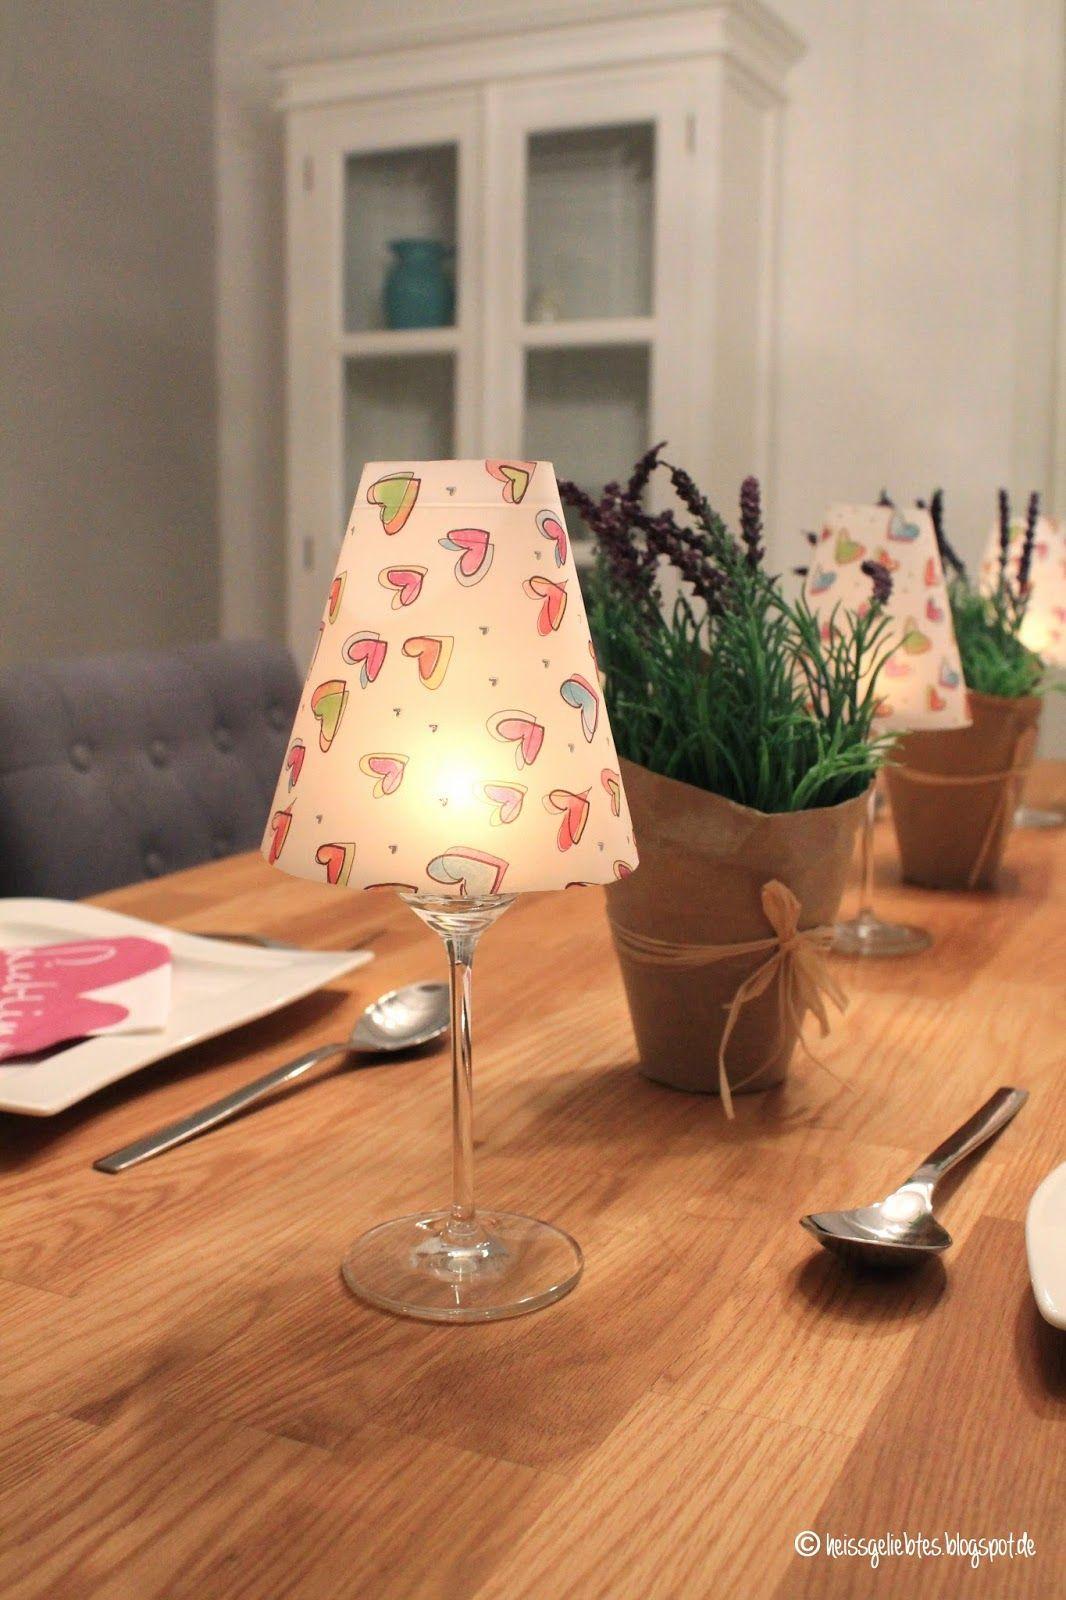 diy weinglas lampenschirme kerzenst nder deco kerzen diy gartenparty tischdekoration. Black Bedroom Furniture Sets. Home Design Ideas